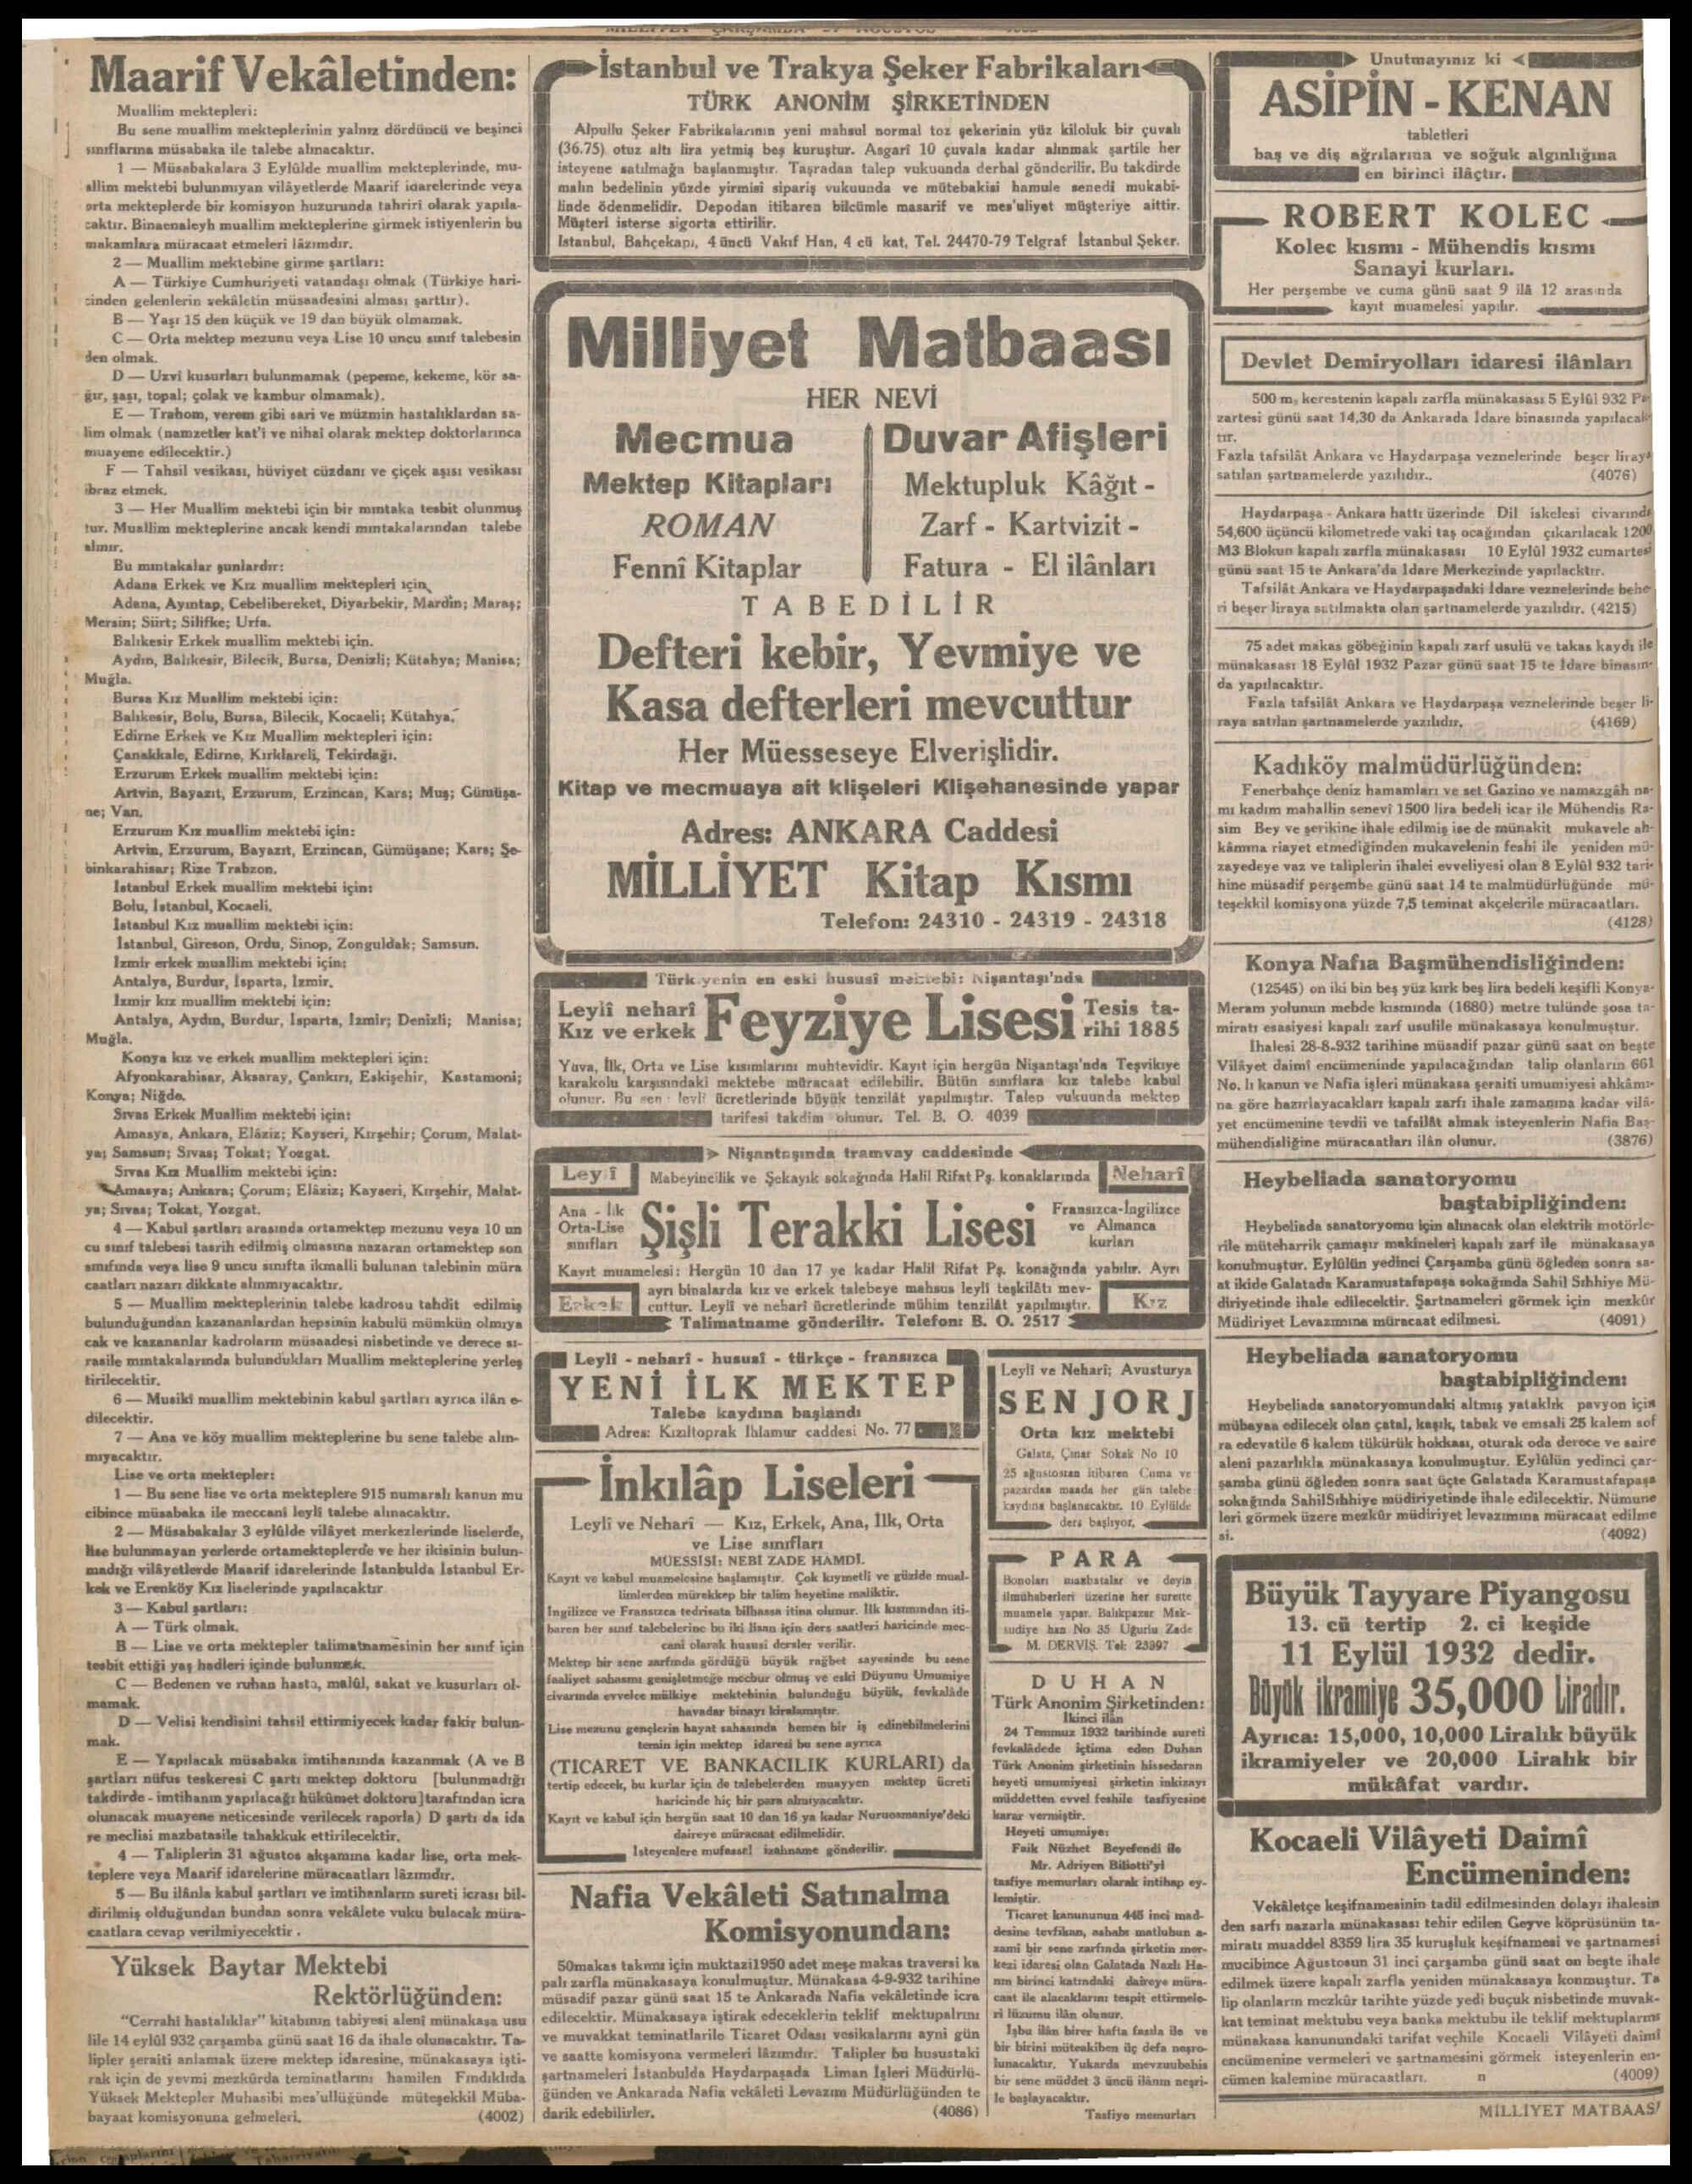 24 Ağustos 1932 Tarihli Milliyet Dergisi Sayfa 8